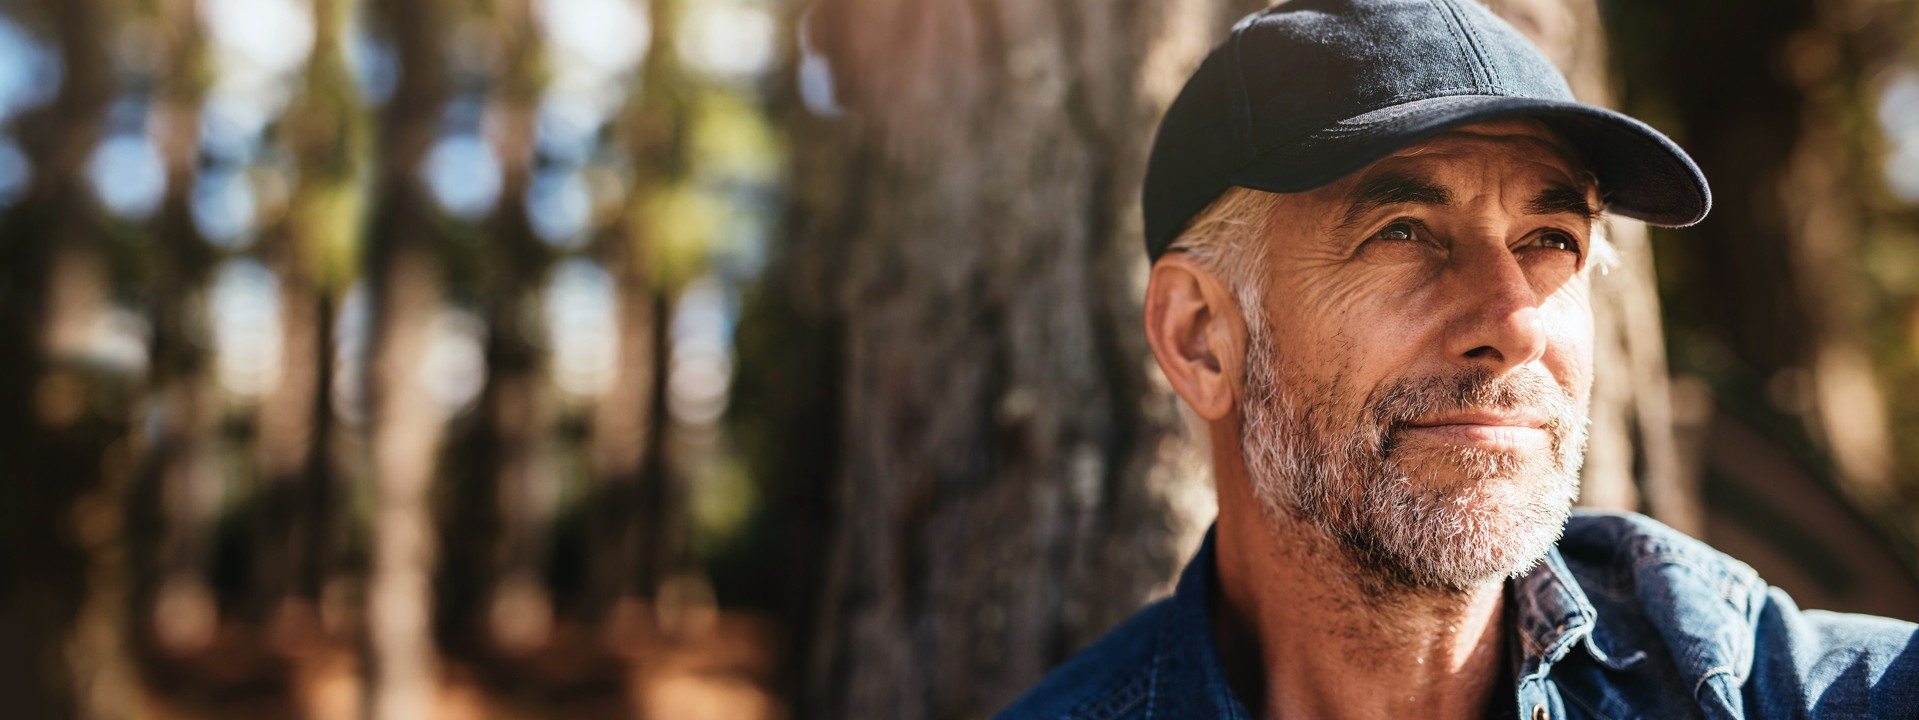 Ein Mann mit Mütze sitzt im Wald an einem Baum.